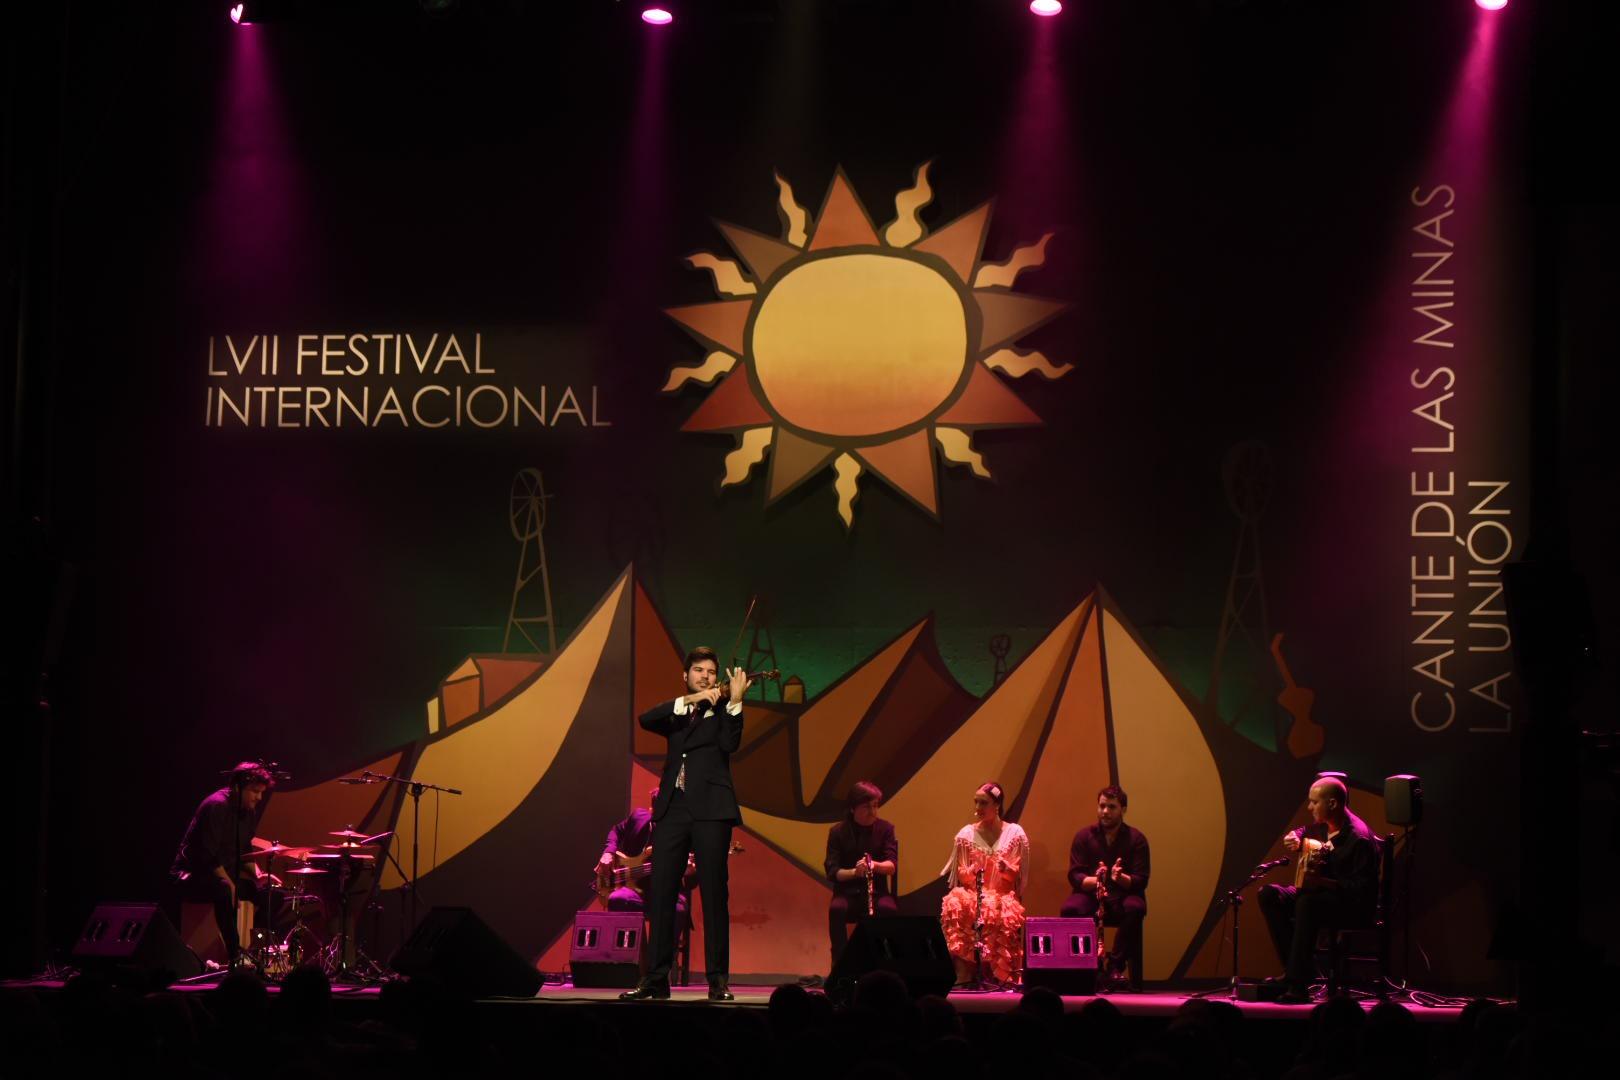 El Cante de las Minas apuesta por el flamenco en su versión digital